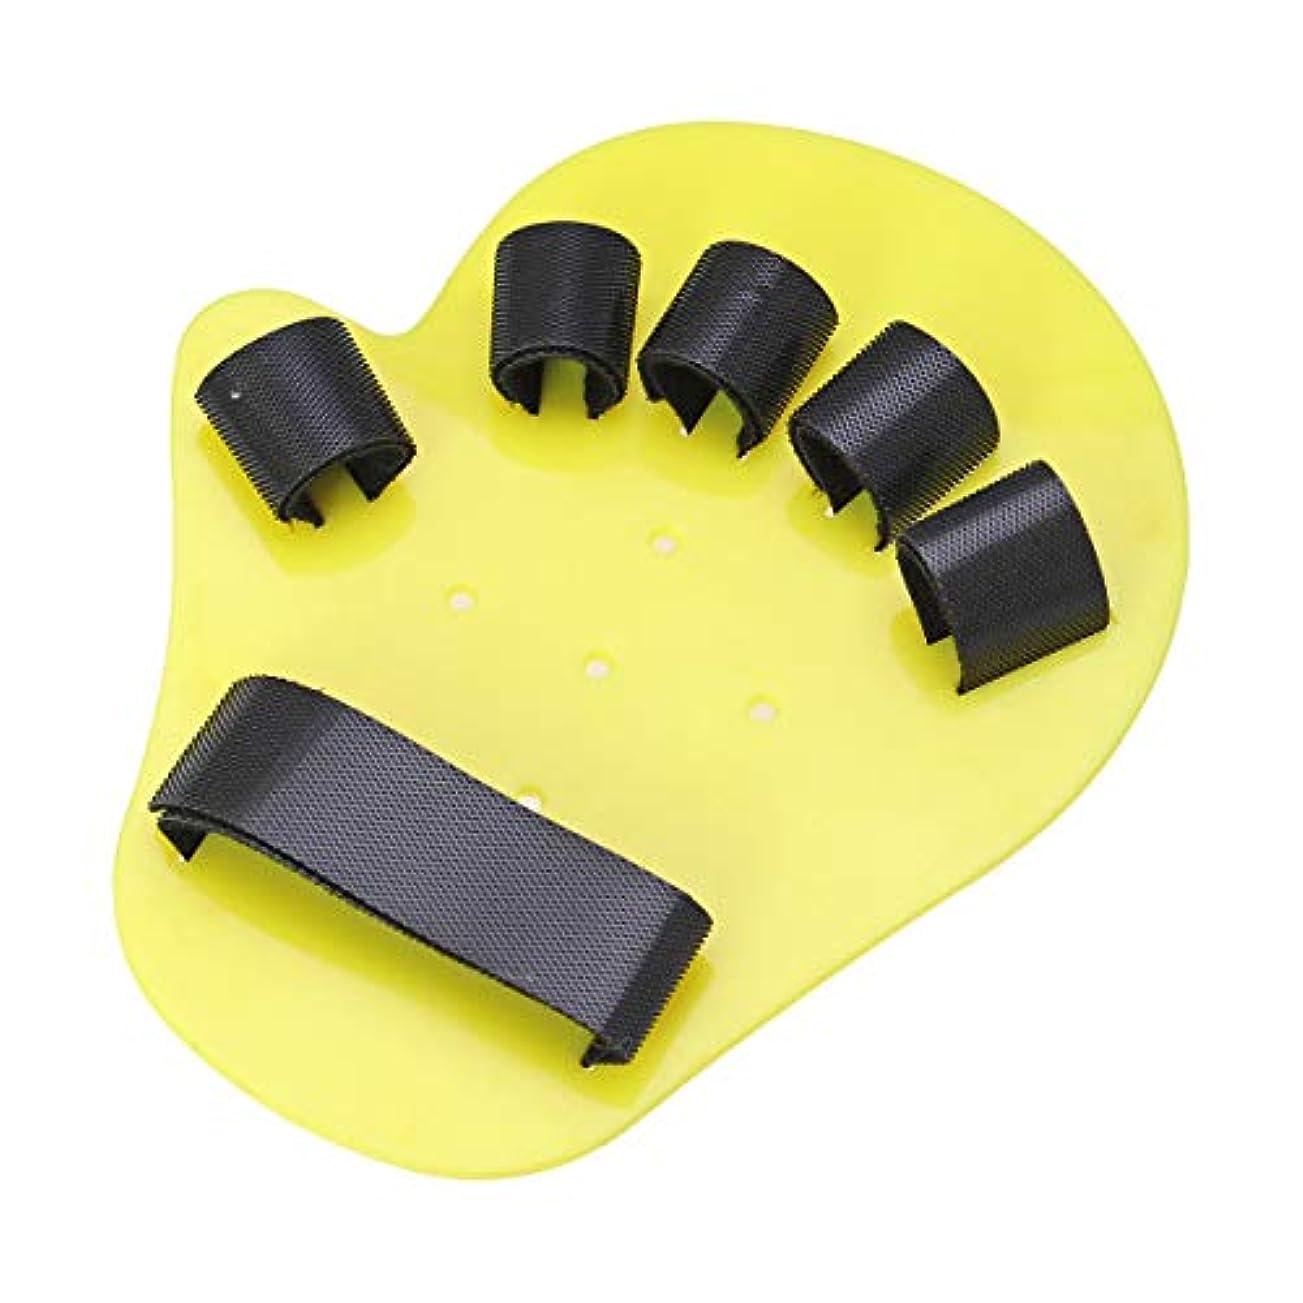 ナチュラ承知しました入場SUPVOX 指矯正装置子供の指の訓練板指の添え木指先片麻痺1-5年